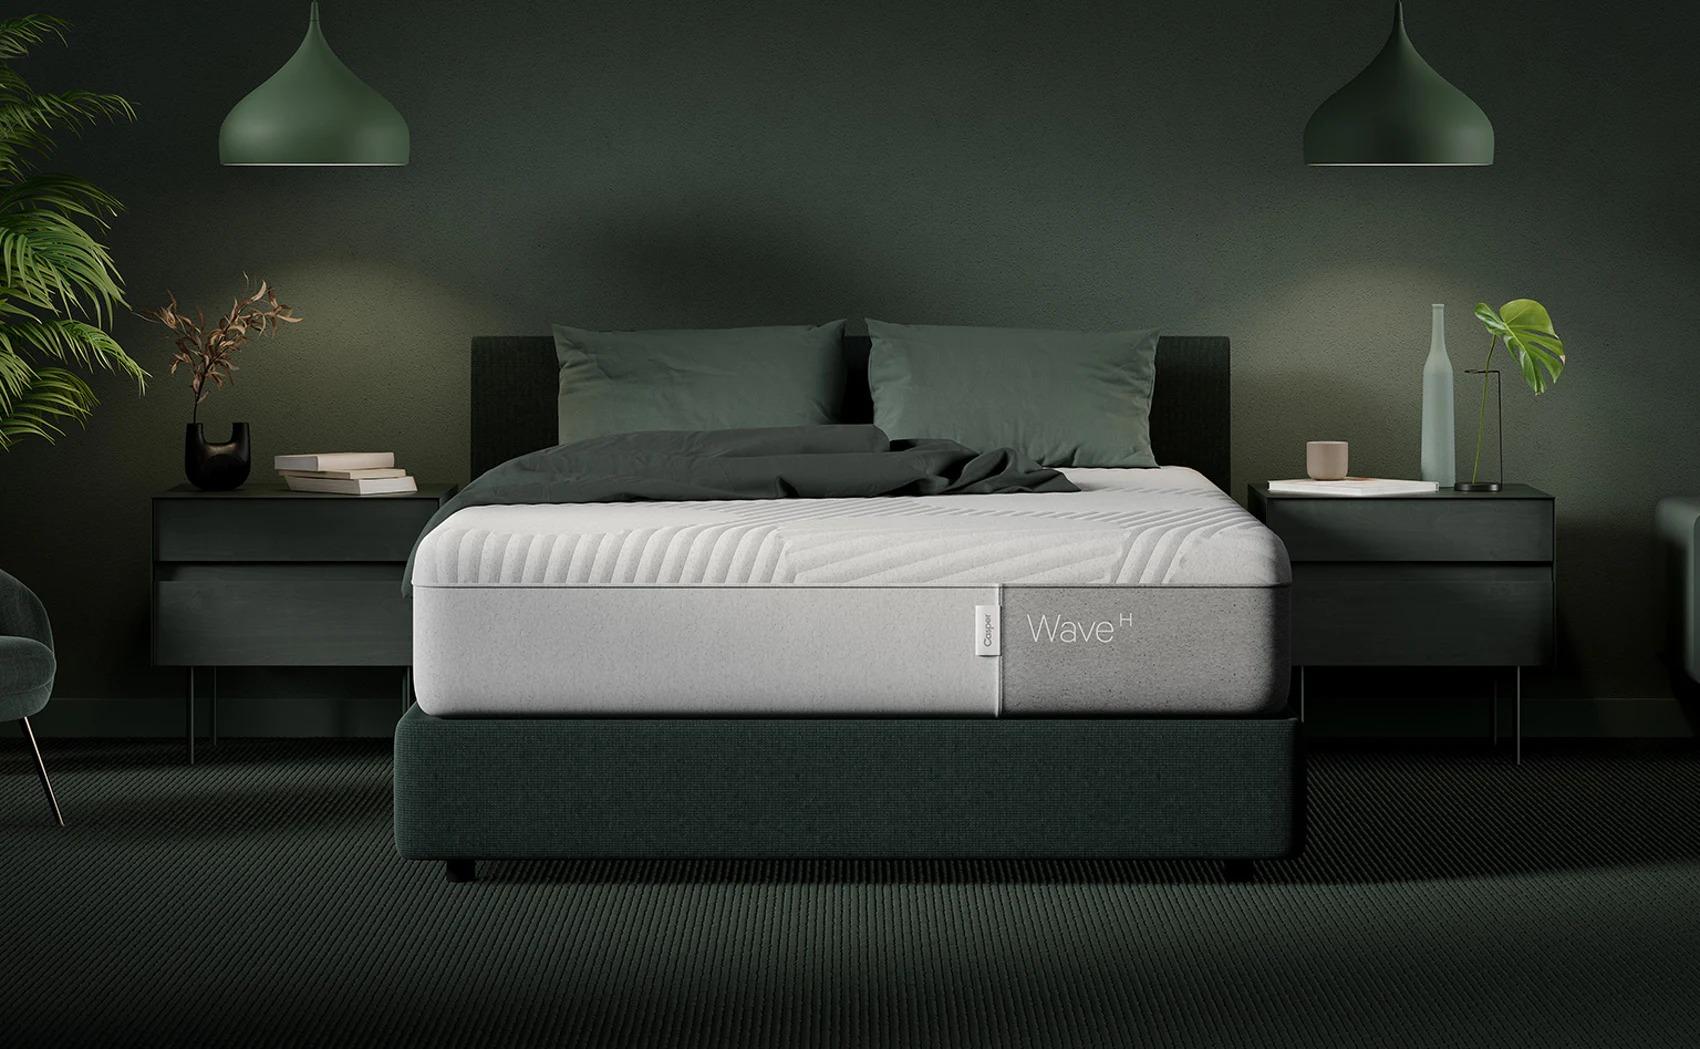 Casper Wave Hybrid Mattress, best memorial day mattress deals